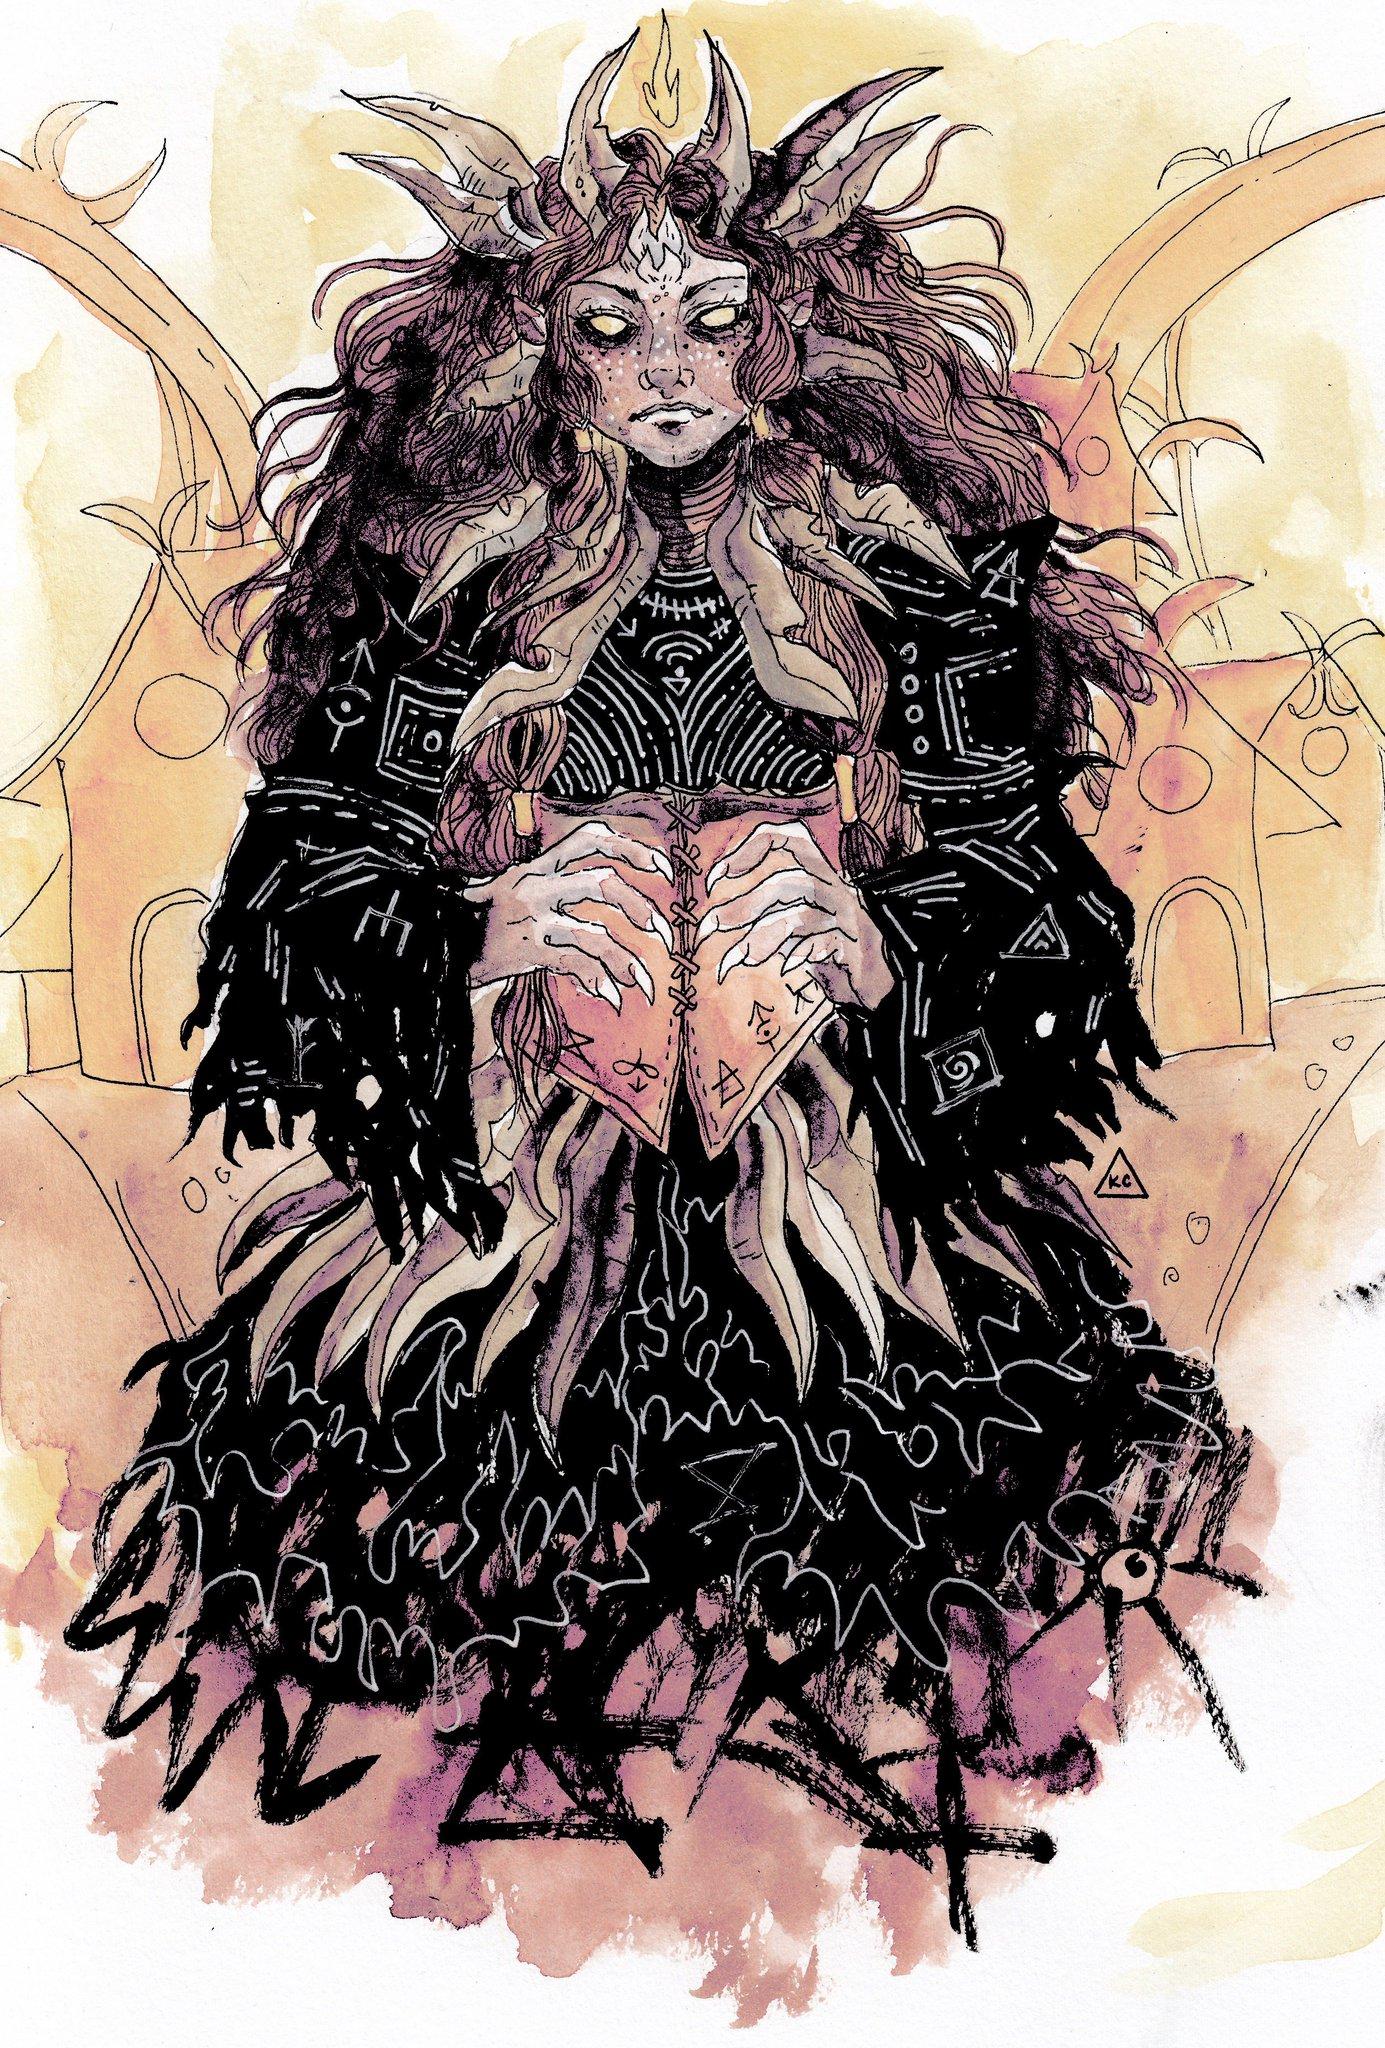 kayla-cline La Signora del Dolore, design alternativo - by Kayla Cline www.kaylacline.com (2018-01) © dell'autore, tutti i diritti riservati